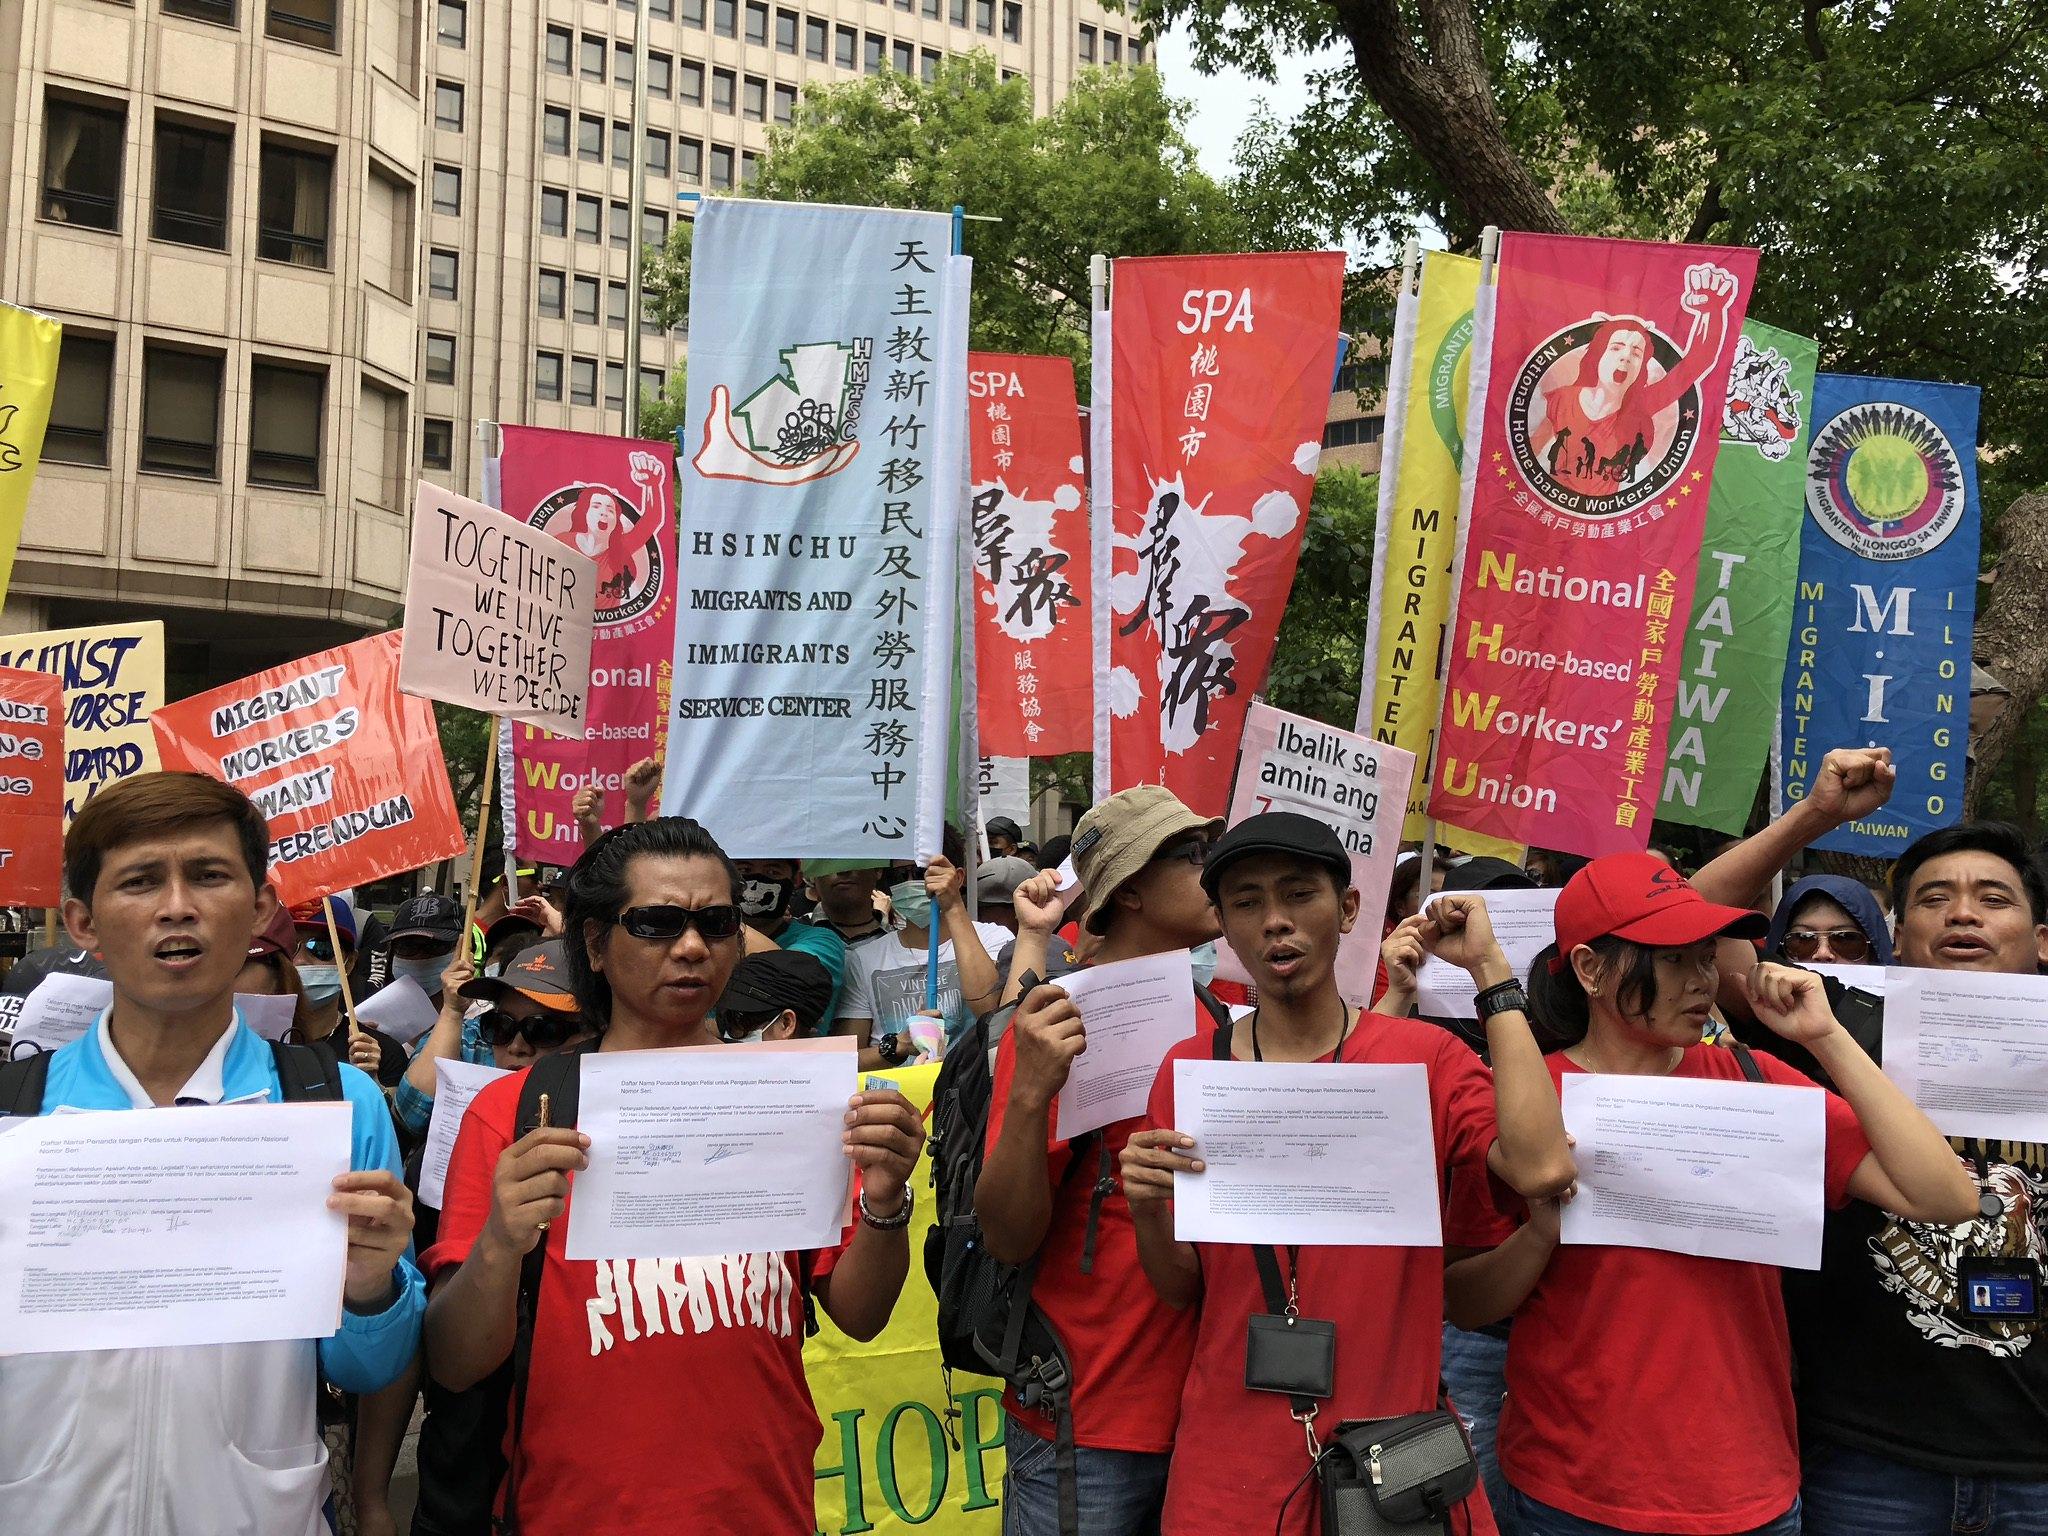 彩立方移工联盟号召非公民共同加入劳权公投连署。(摄影:王颢中)